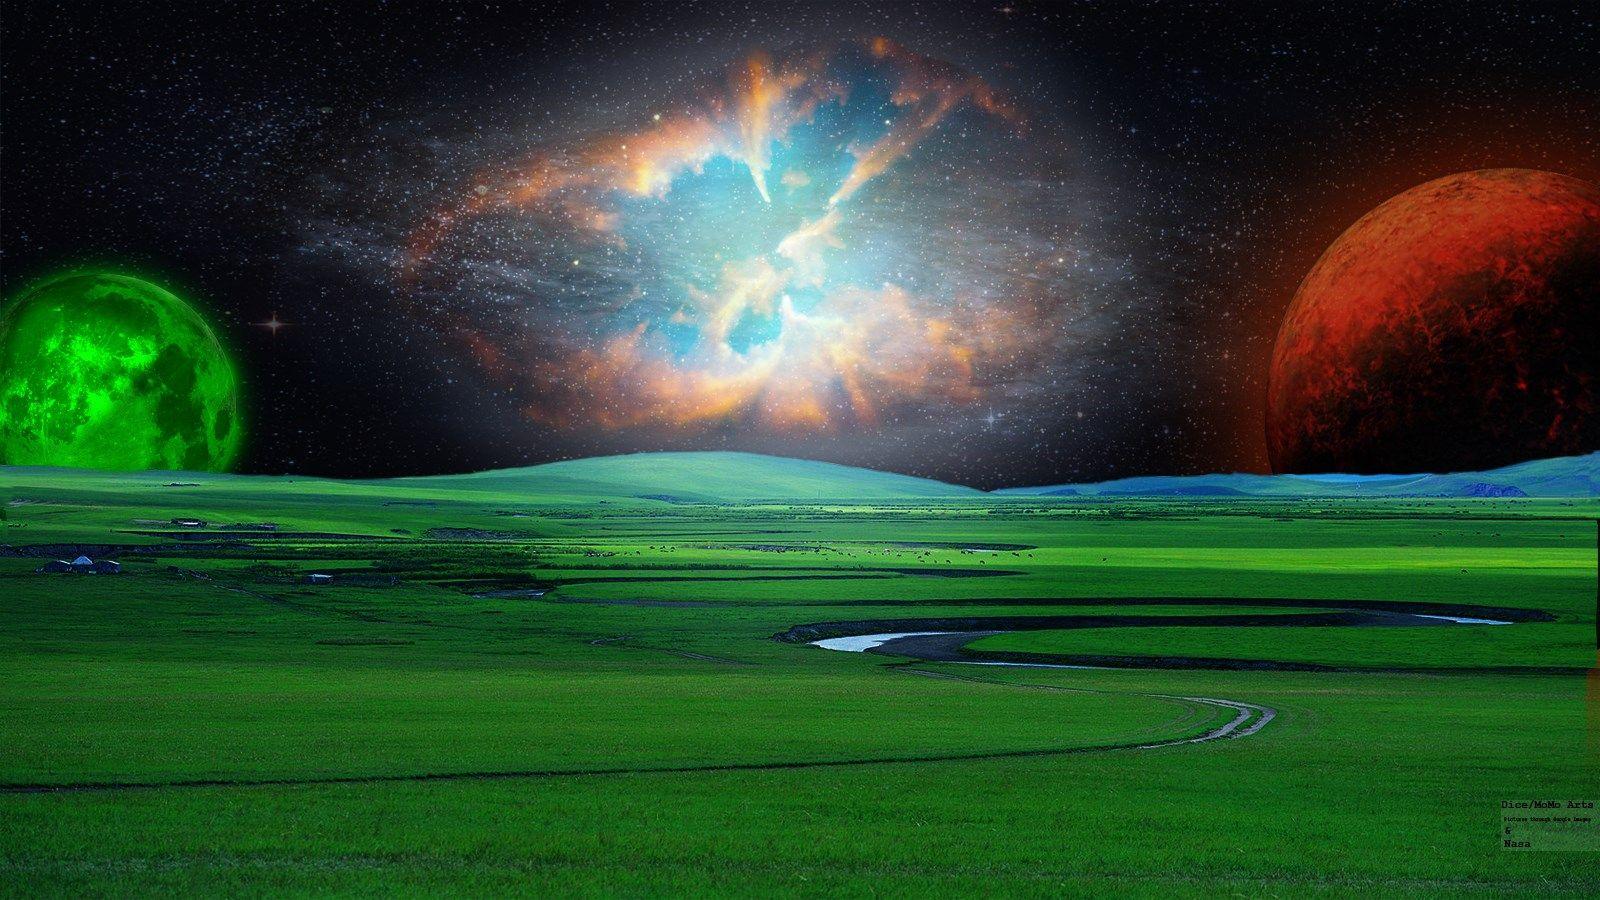 1600x900 Awesome Sci Fi